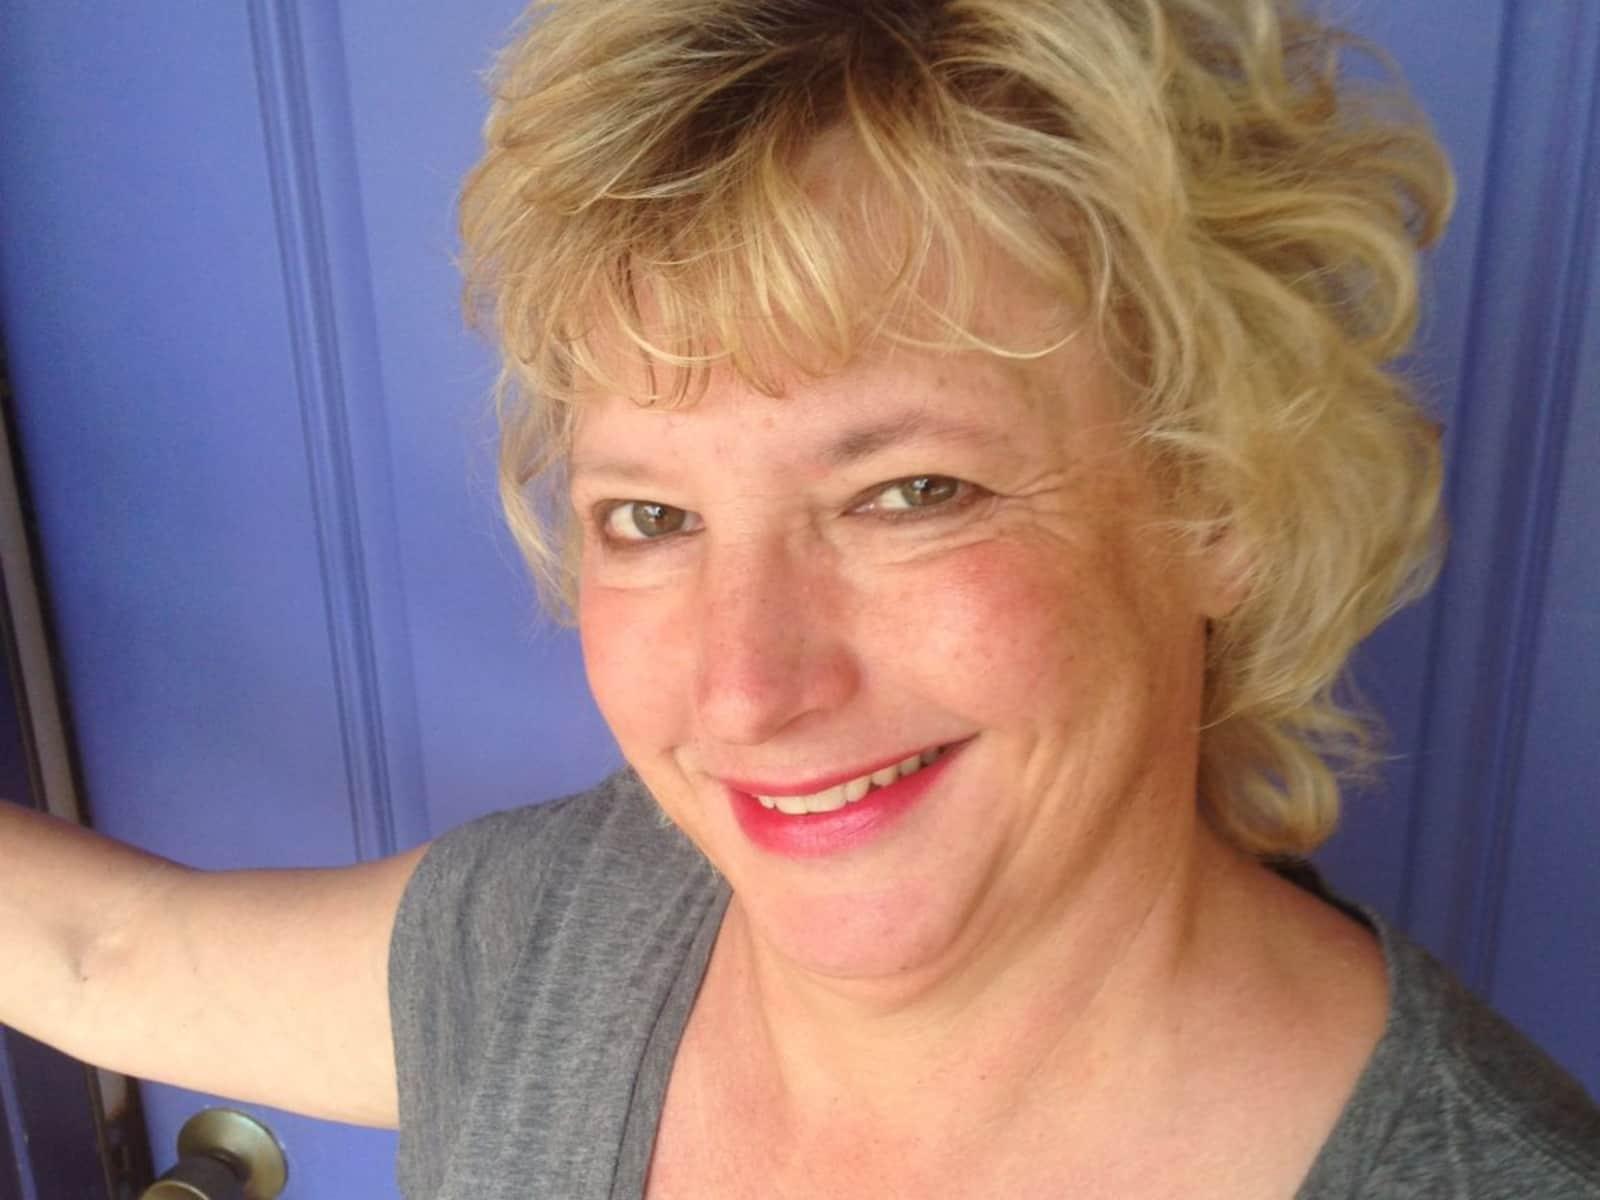 Cindy from Tucson, Arizona, United States